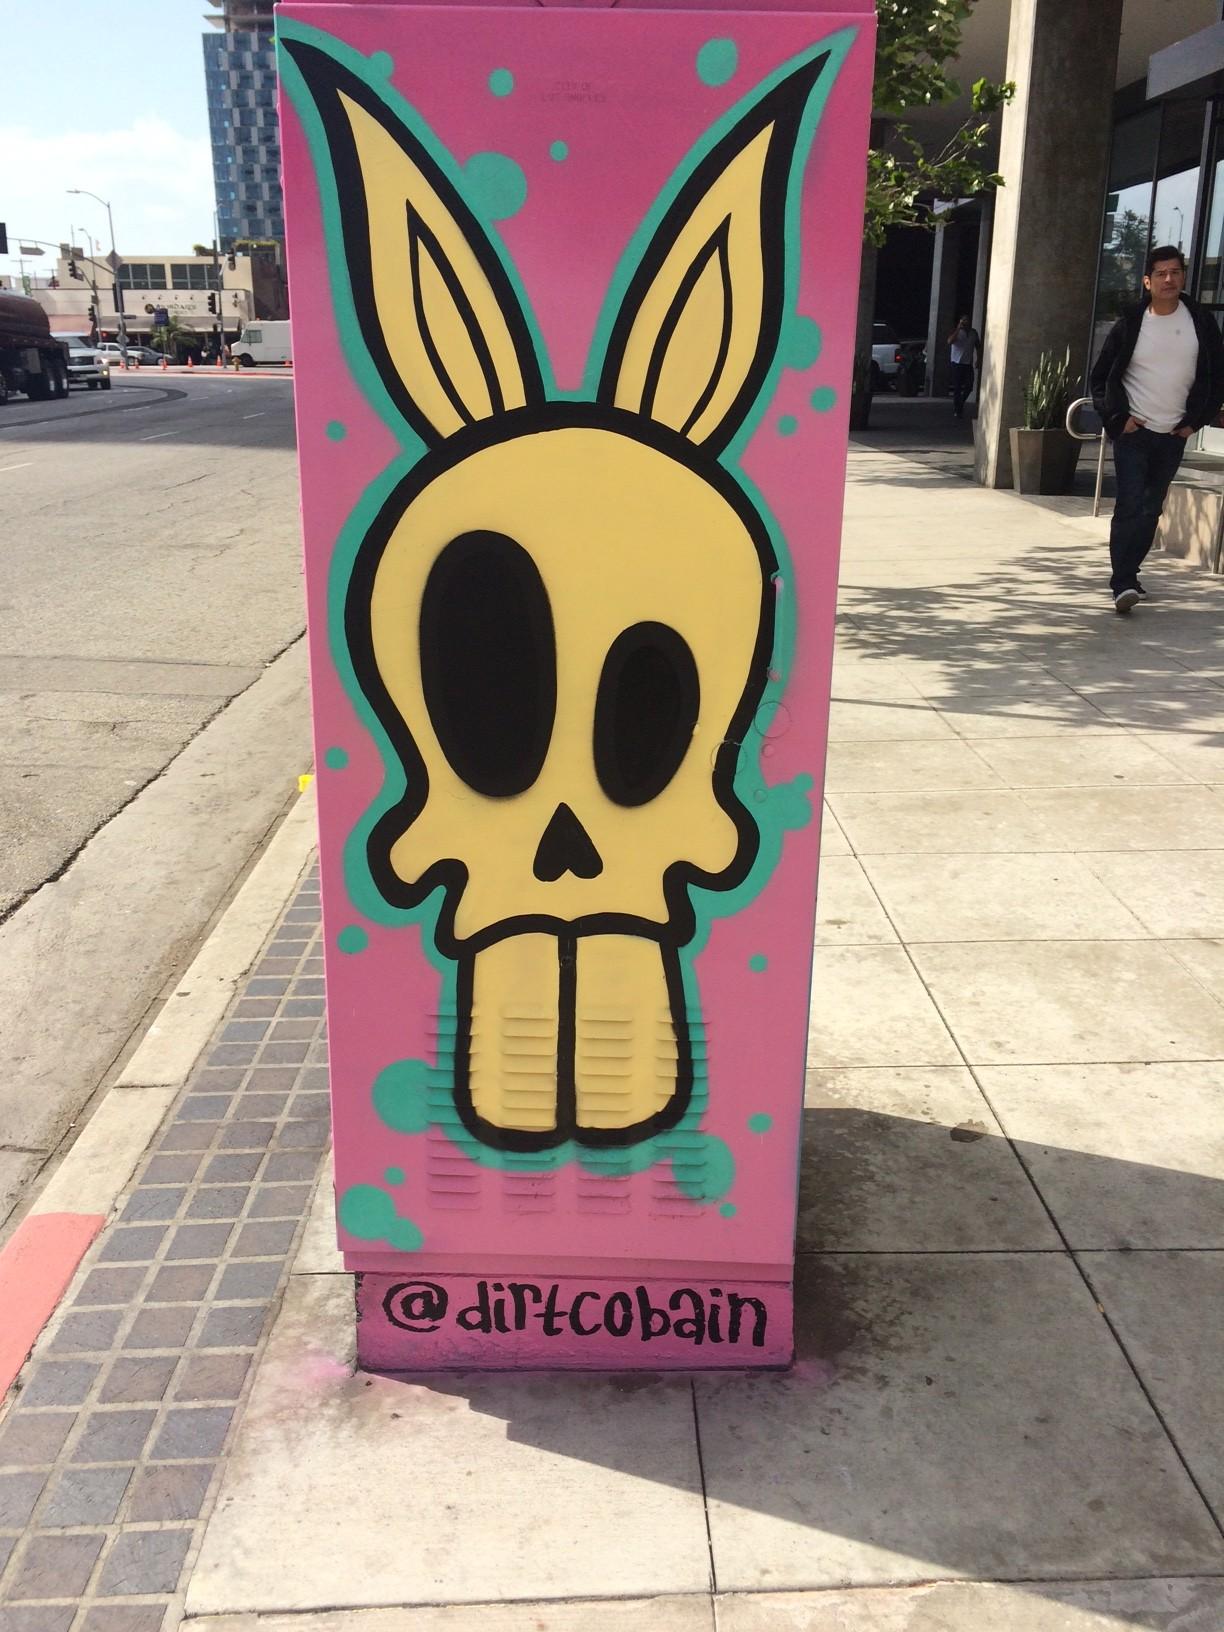 graffiti in downtown LA